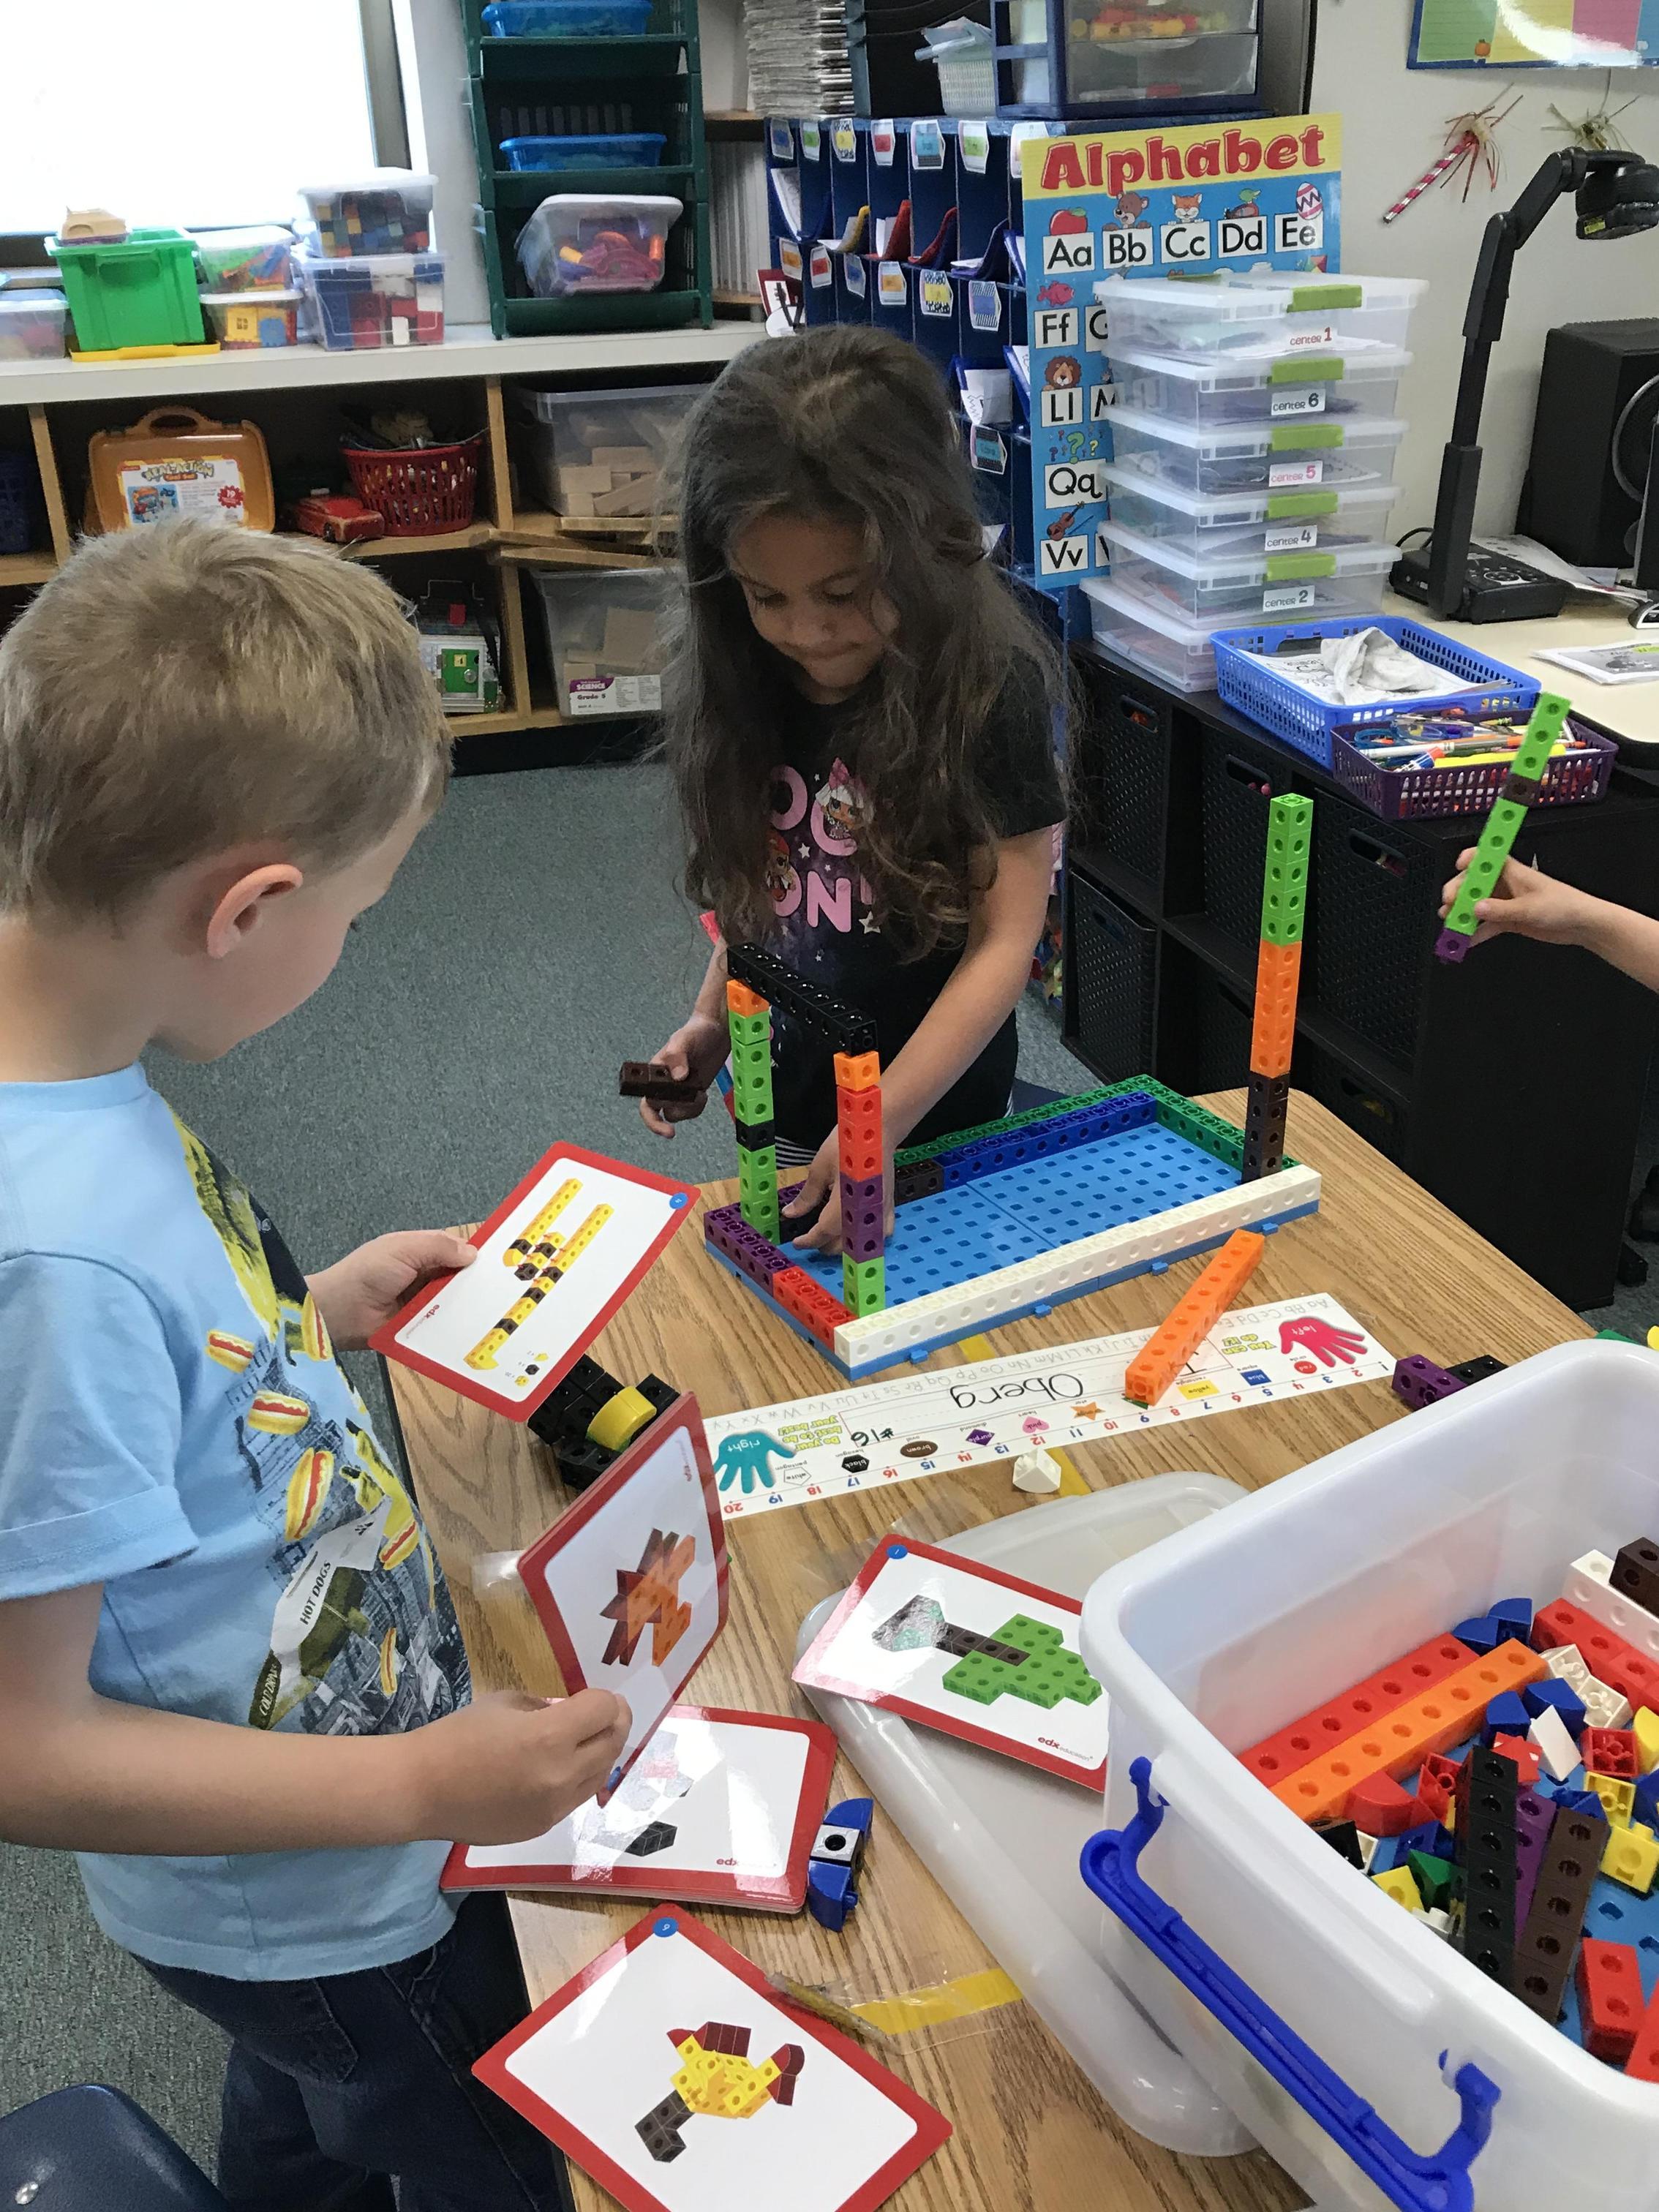 Kindergarten students using STEM materials to build.